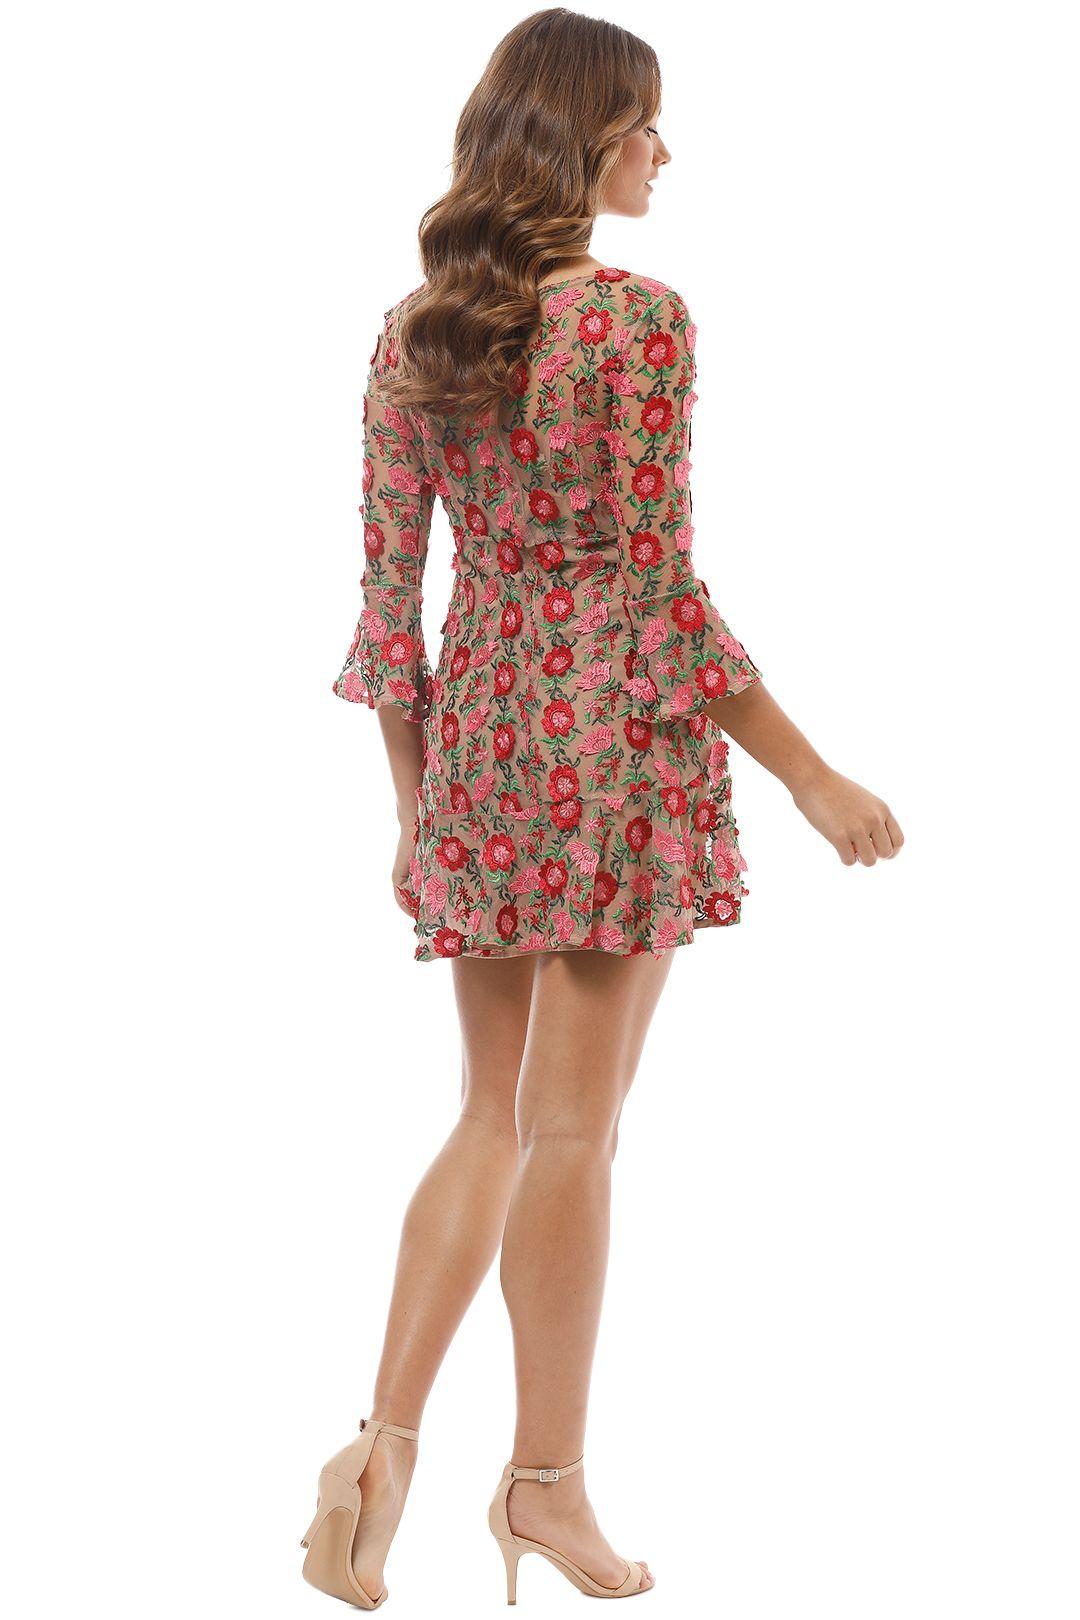 For Love & Lemons - Amelia Swing Dress - Back